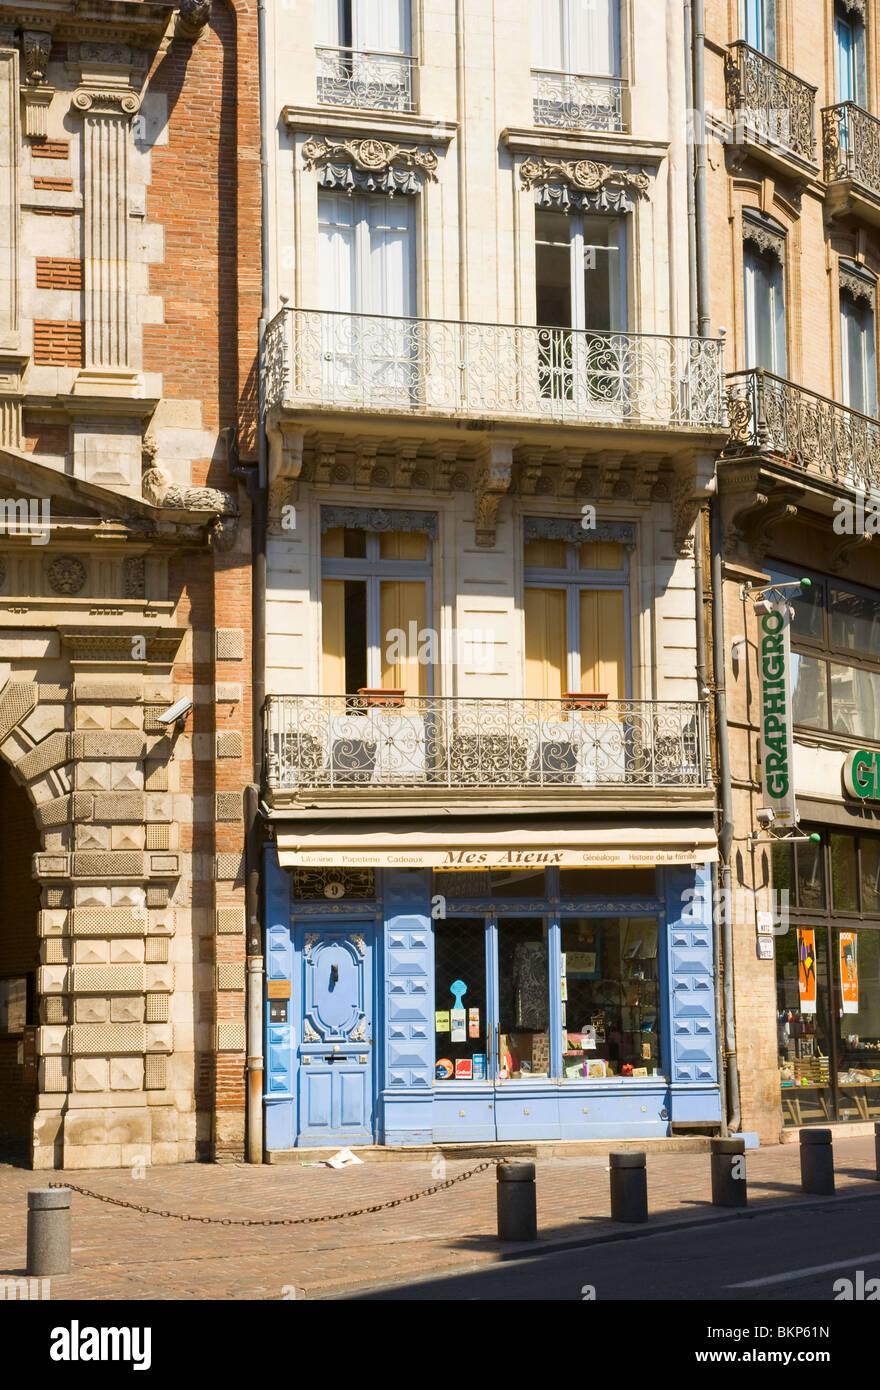 Mes Aieux Boutique and Genealogy Specialist Shop in Place D'Assezat Toulouse Haute-Garonne Midi-Pyrenees France - Stock Image